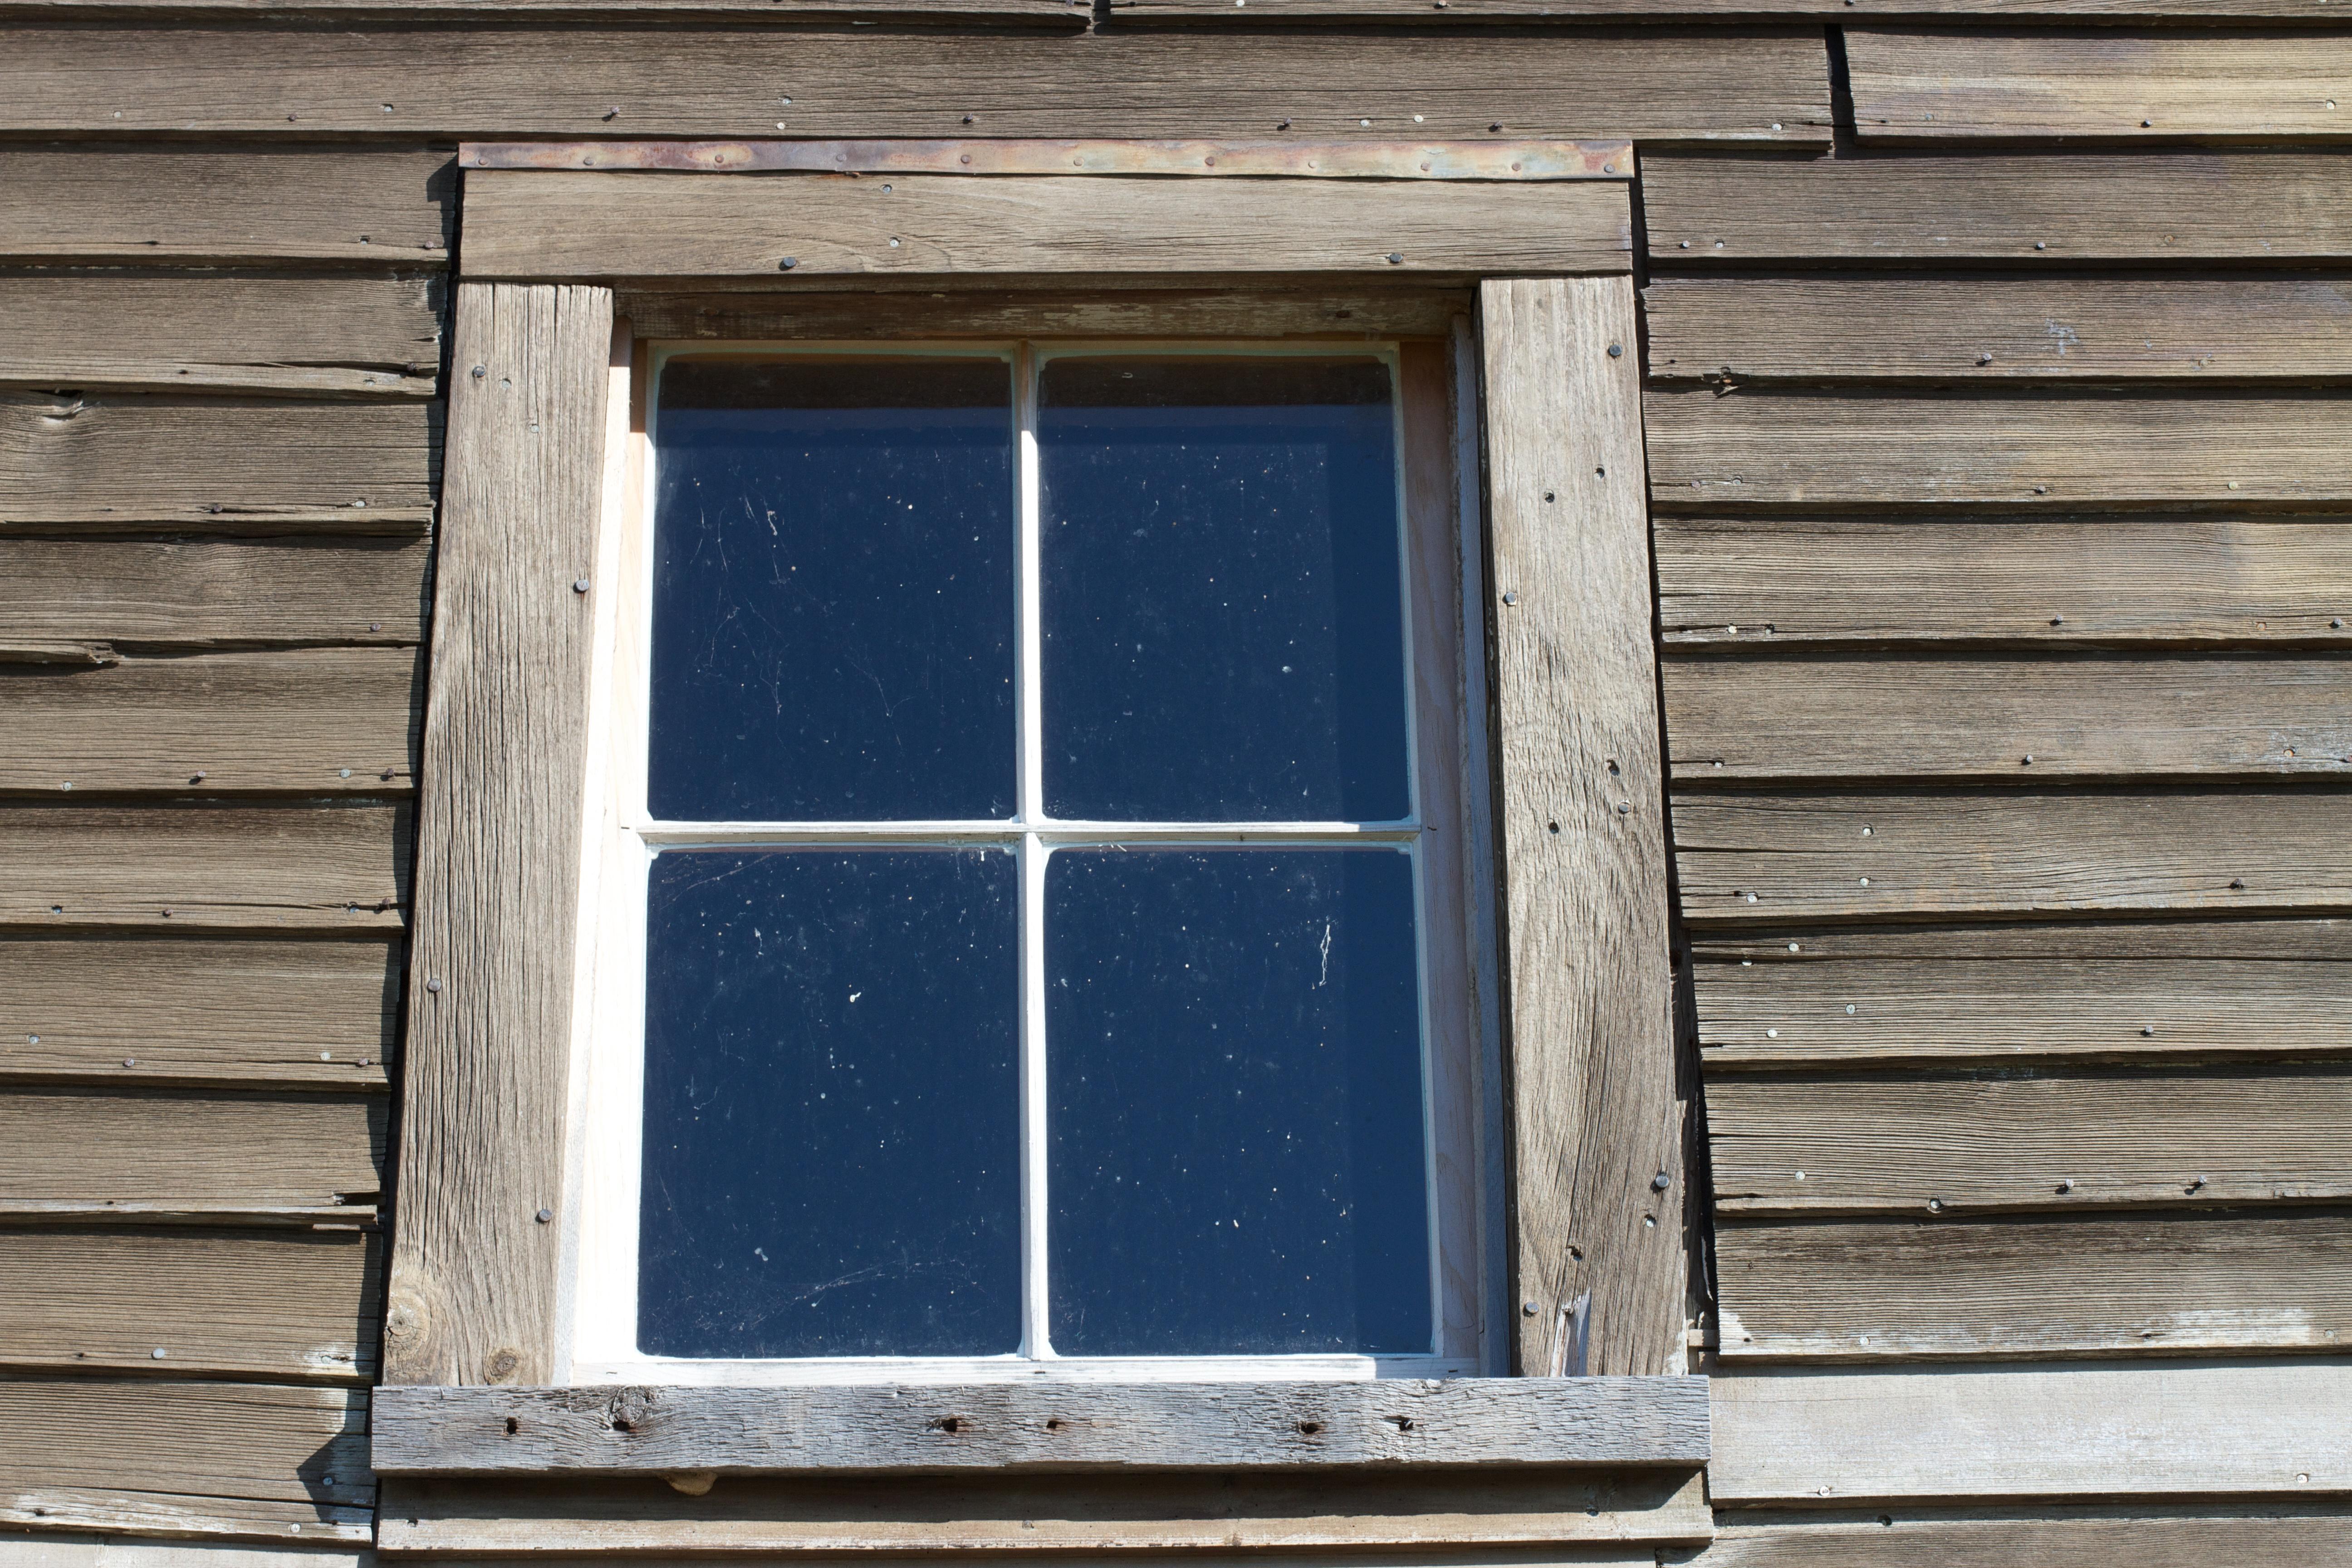 Kostenlose foto : Holz, Haus, Fenster, Mauer, Farbe, Fassade, blau ...